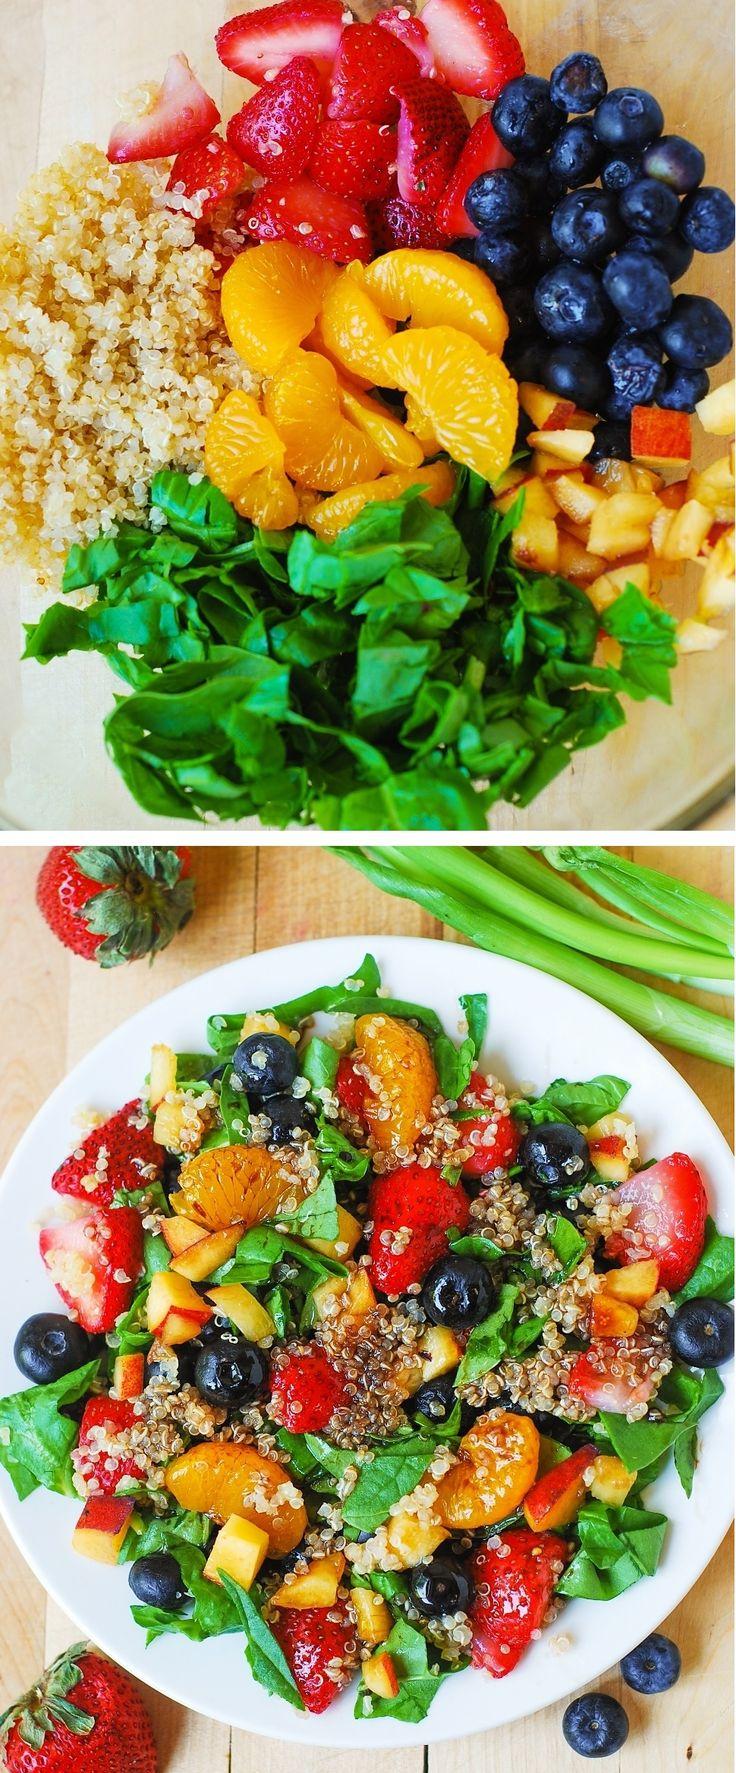 QUINOA, VEGETALES Y FRUTAS - Quinoa, frutillas, arándanos, cubos de duraznos, hojas de espinacas pequeñas y gajos de mandarinas. Un aderezo con aceto balsámico y ... qué fresca y saludable ensalada !!!